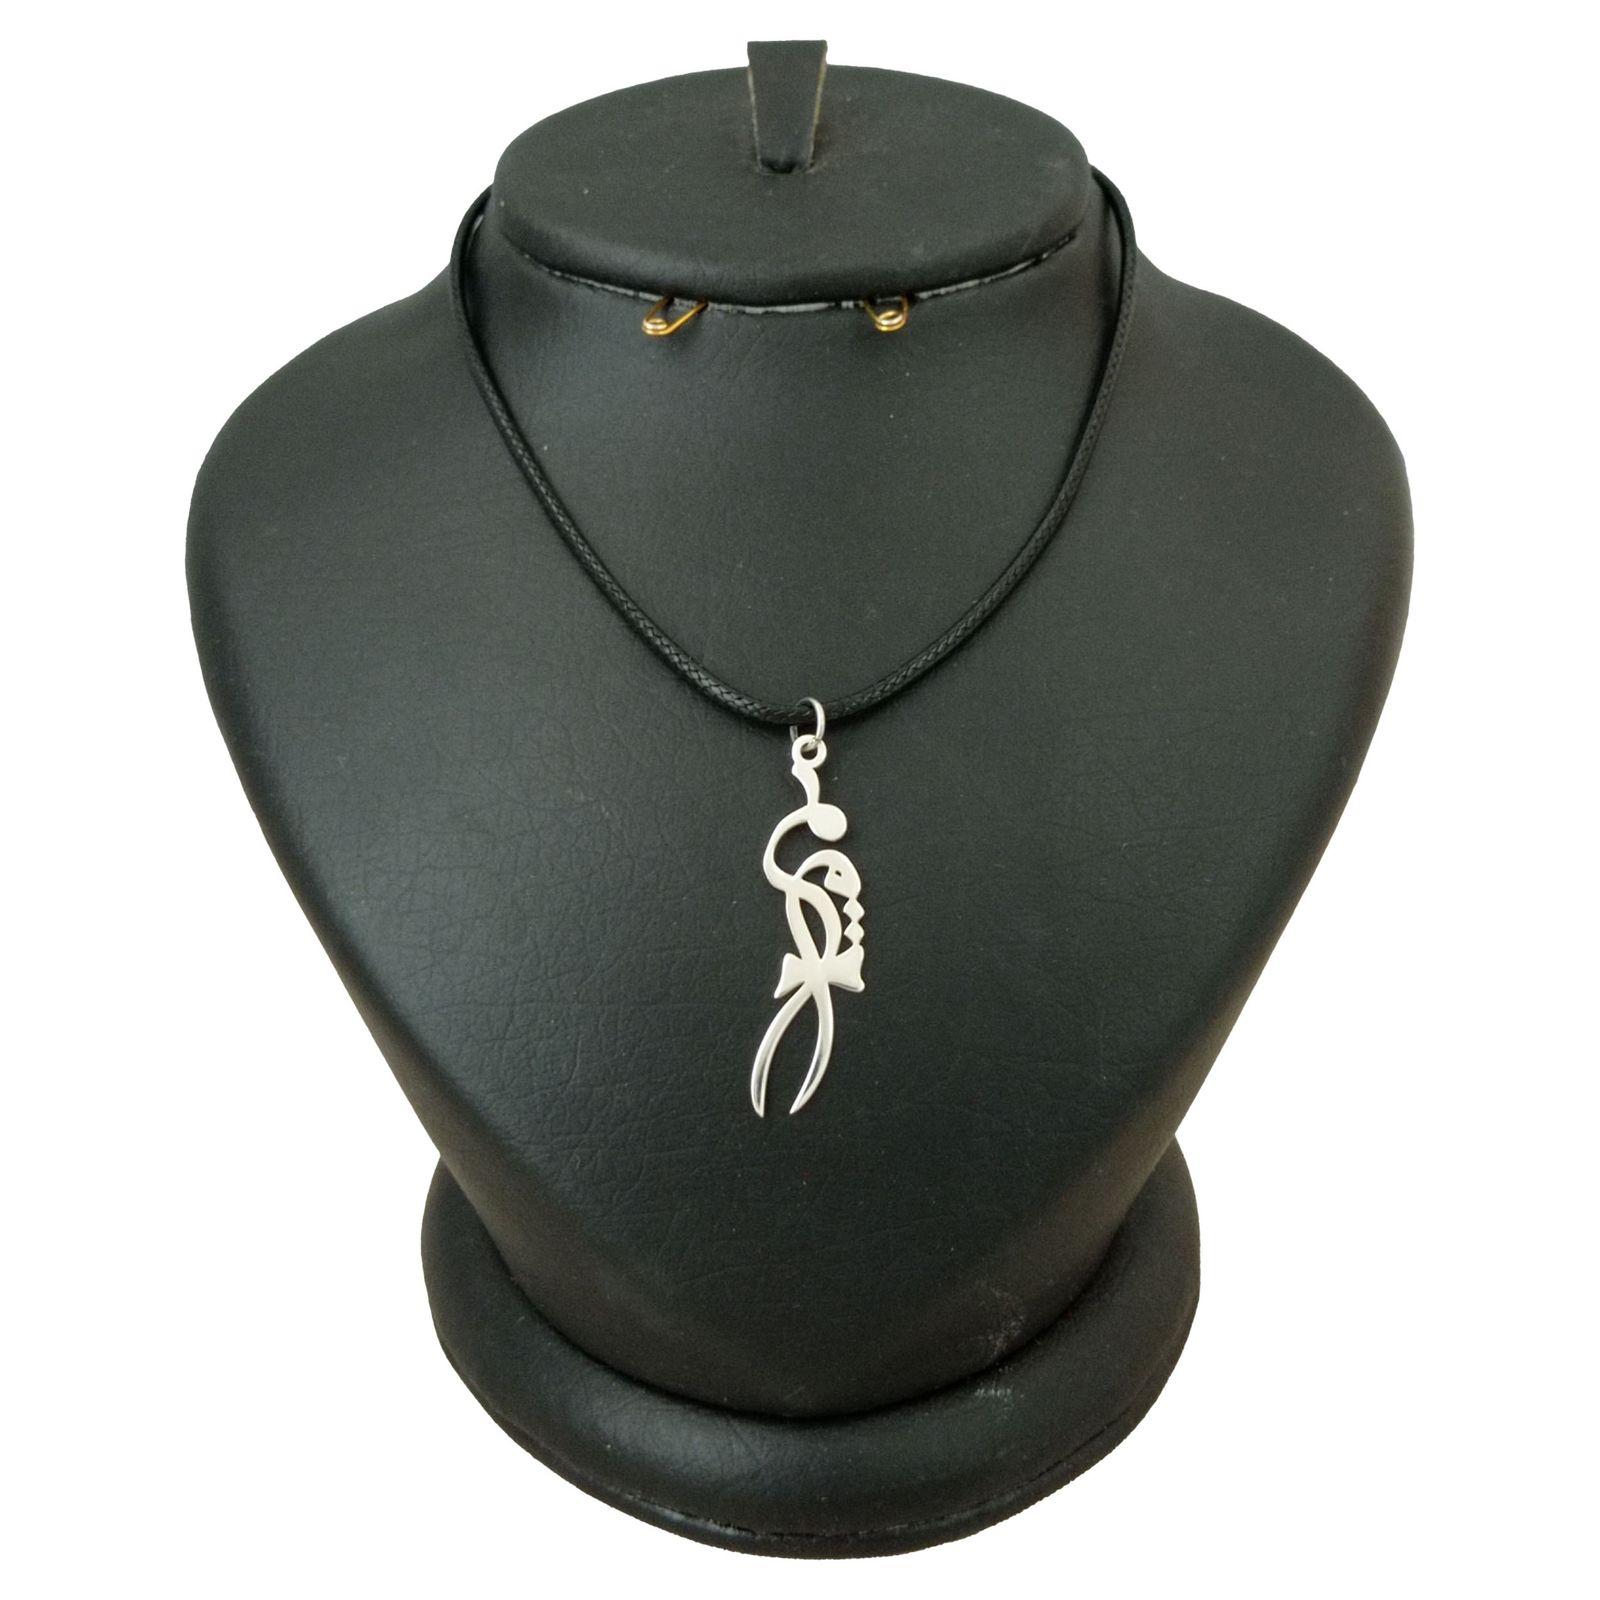 گردنبند نقره زنانه ترمه 1 طرح مریم کد mas 0032 -  - 2